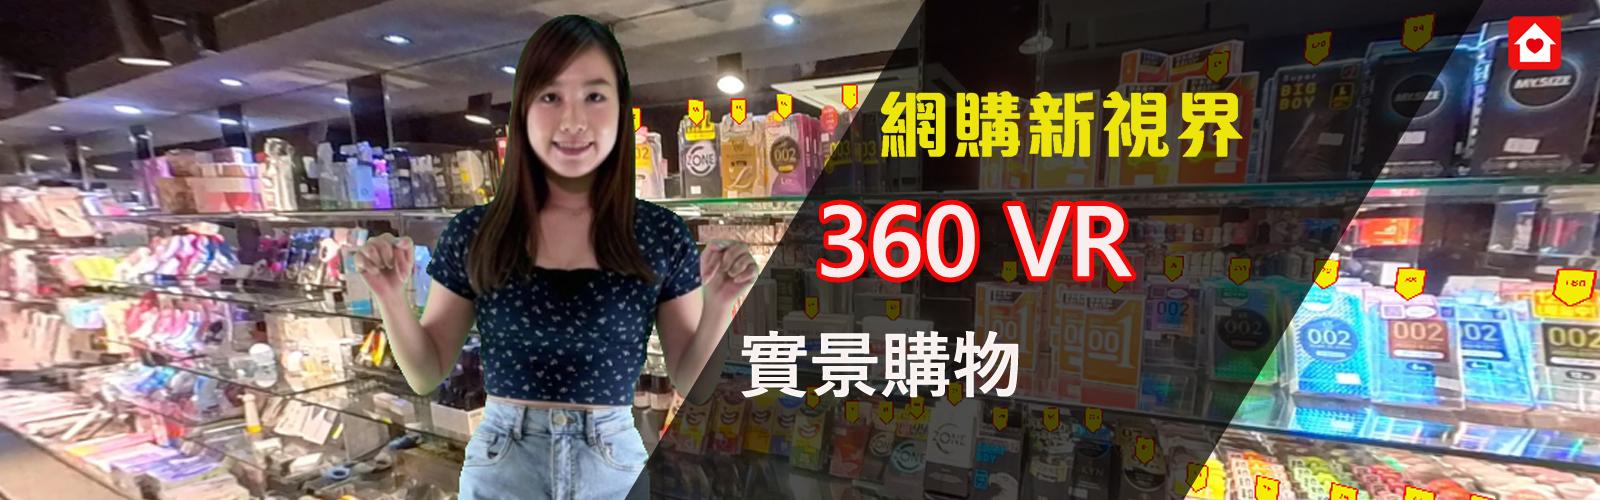 360 實景購物